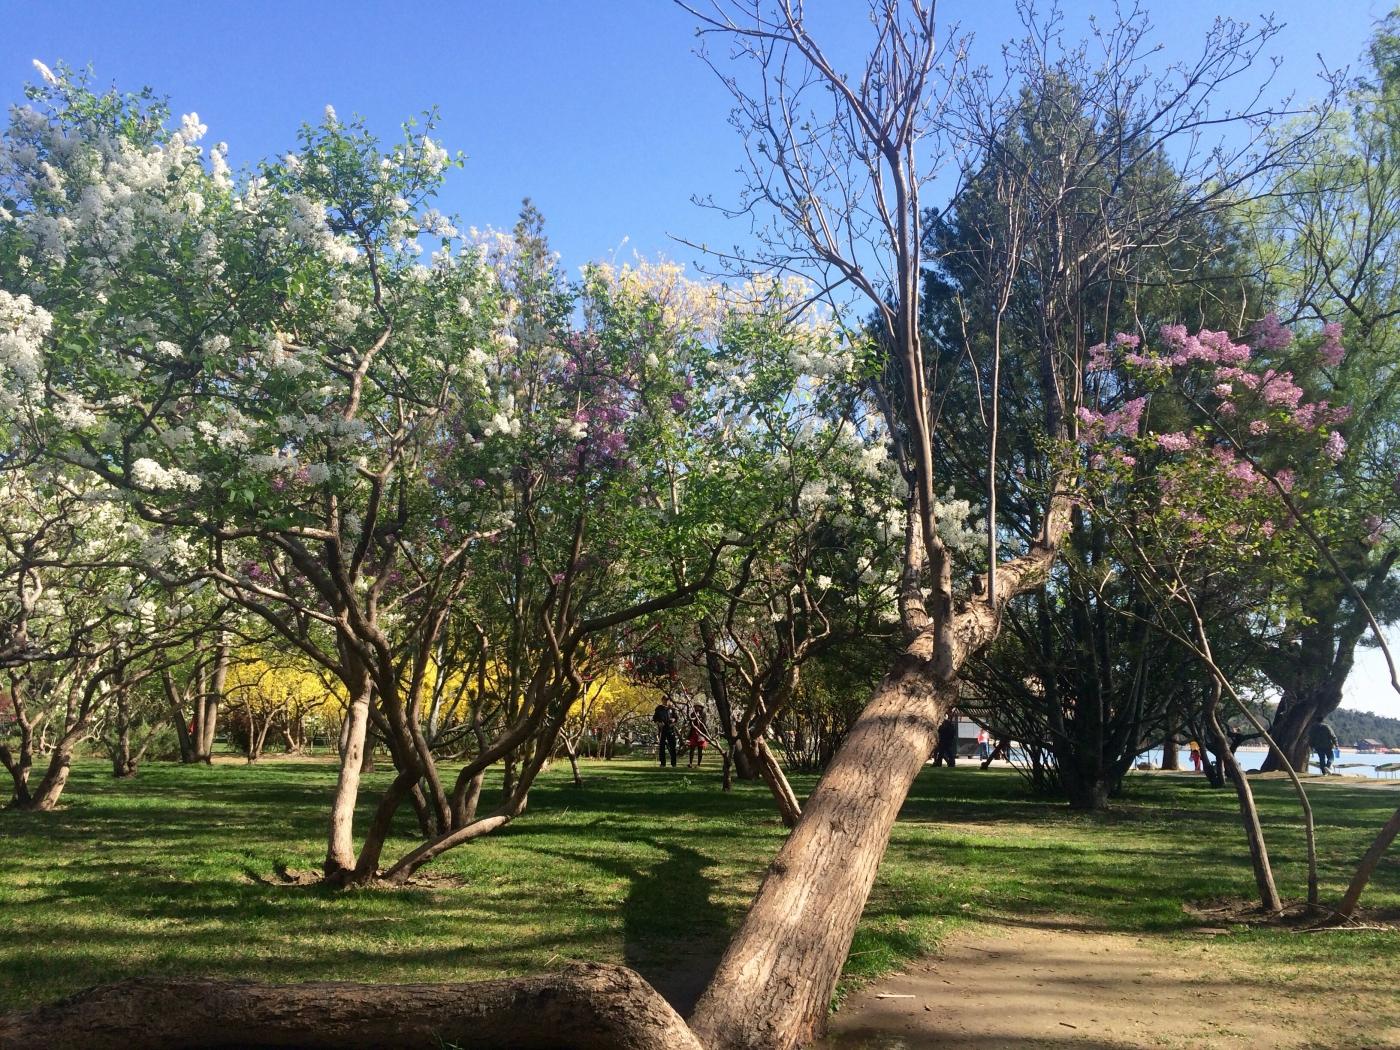 走在花开的路上(手机拍摄)_图1-4